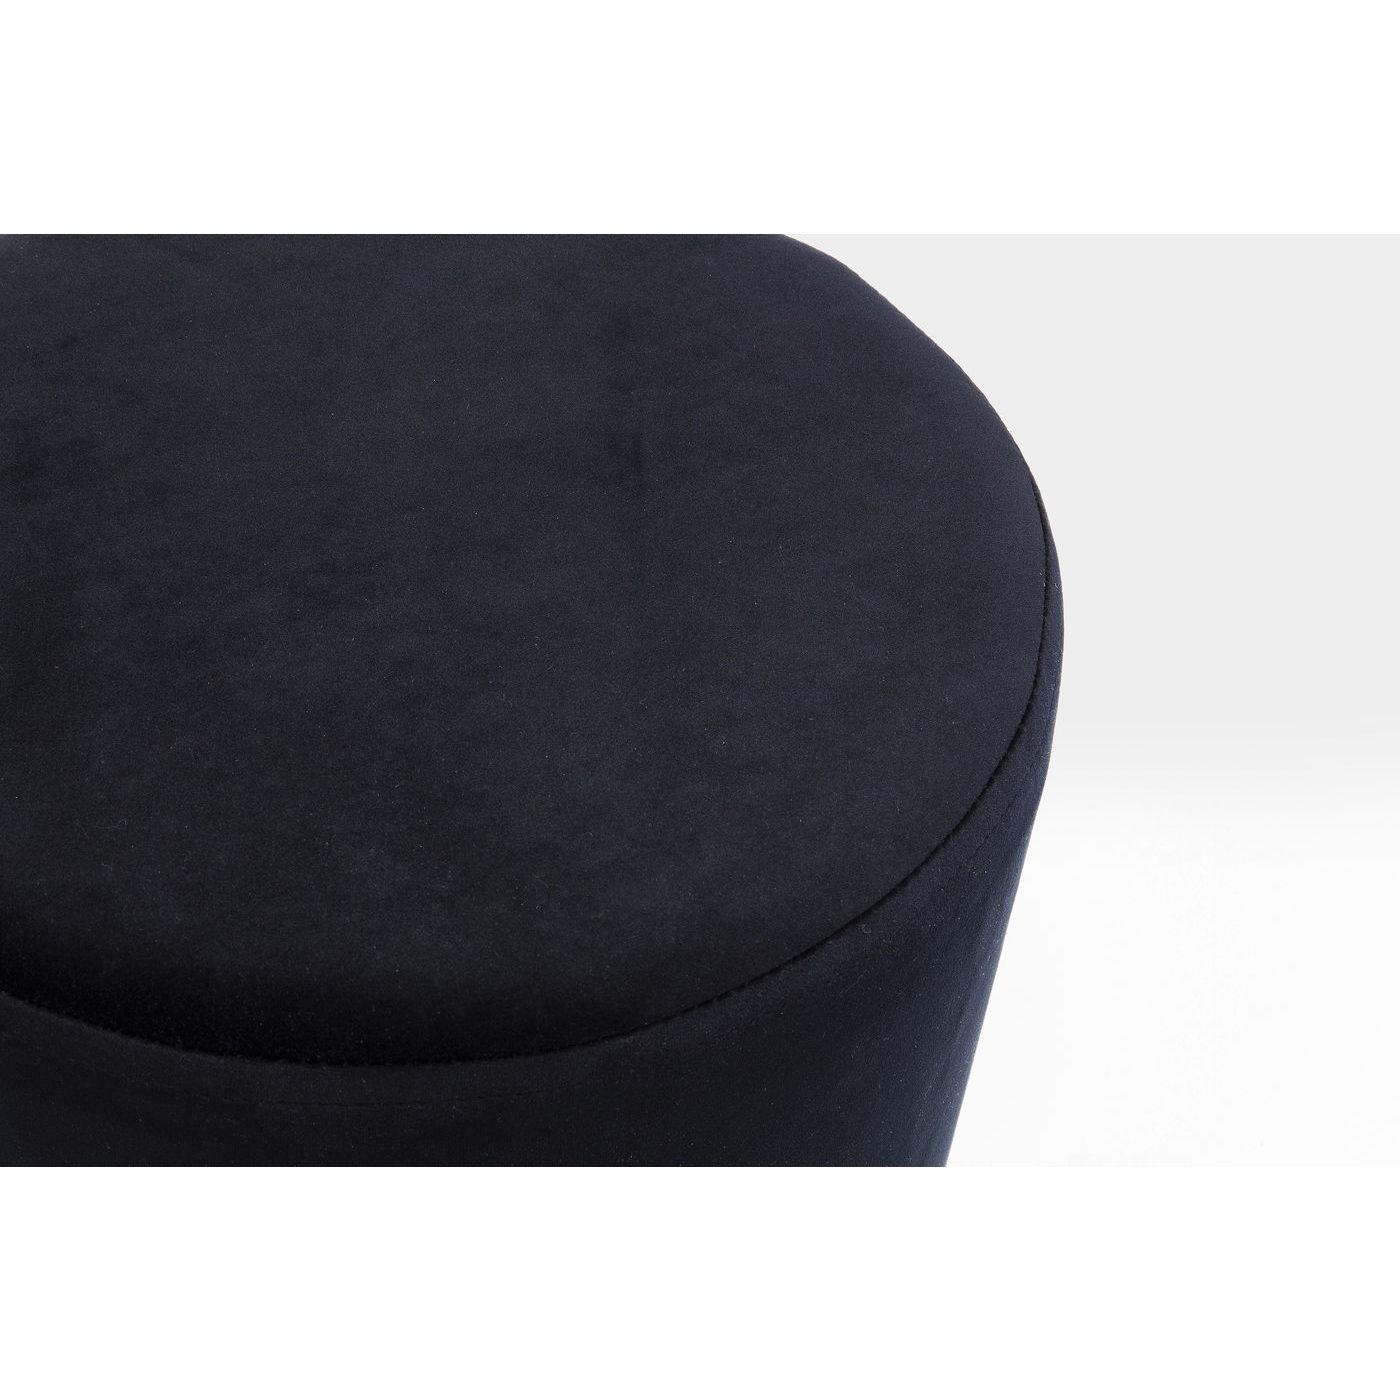 Tabouret Cherry 35cm noir et laiton Kare Design